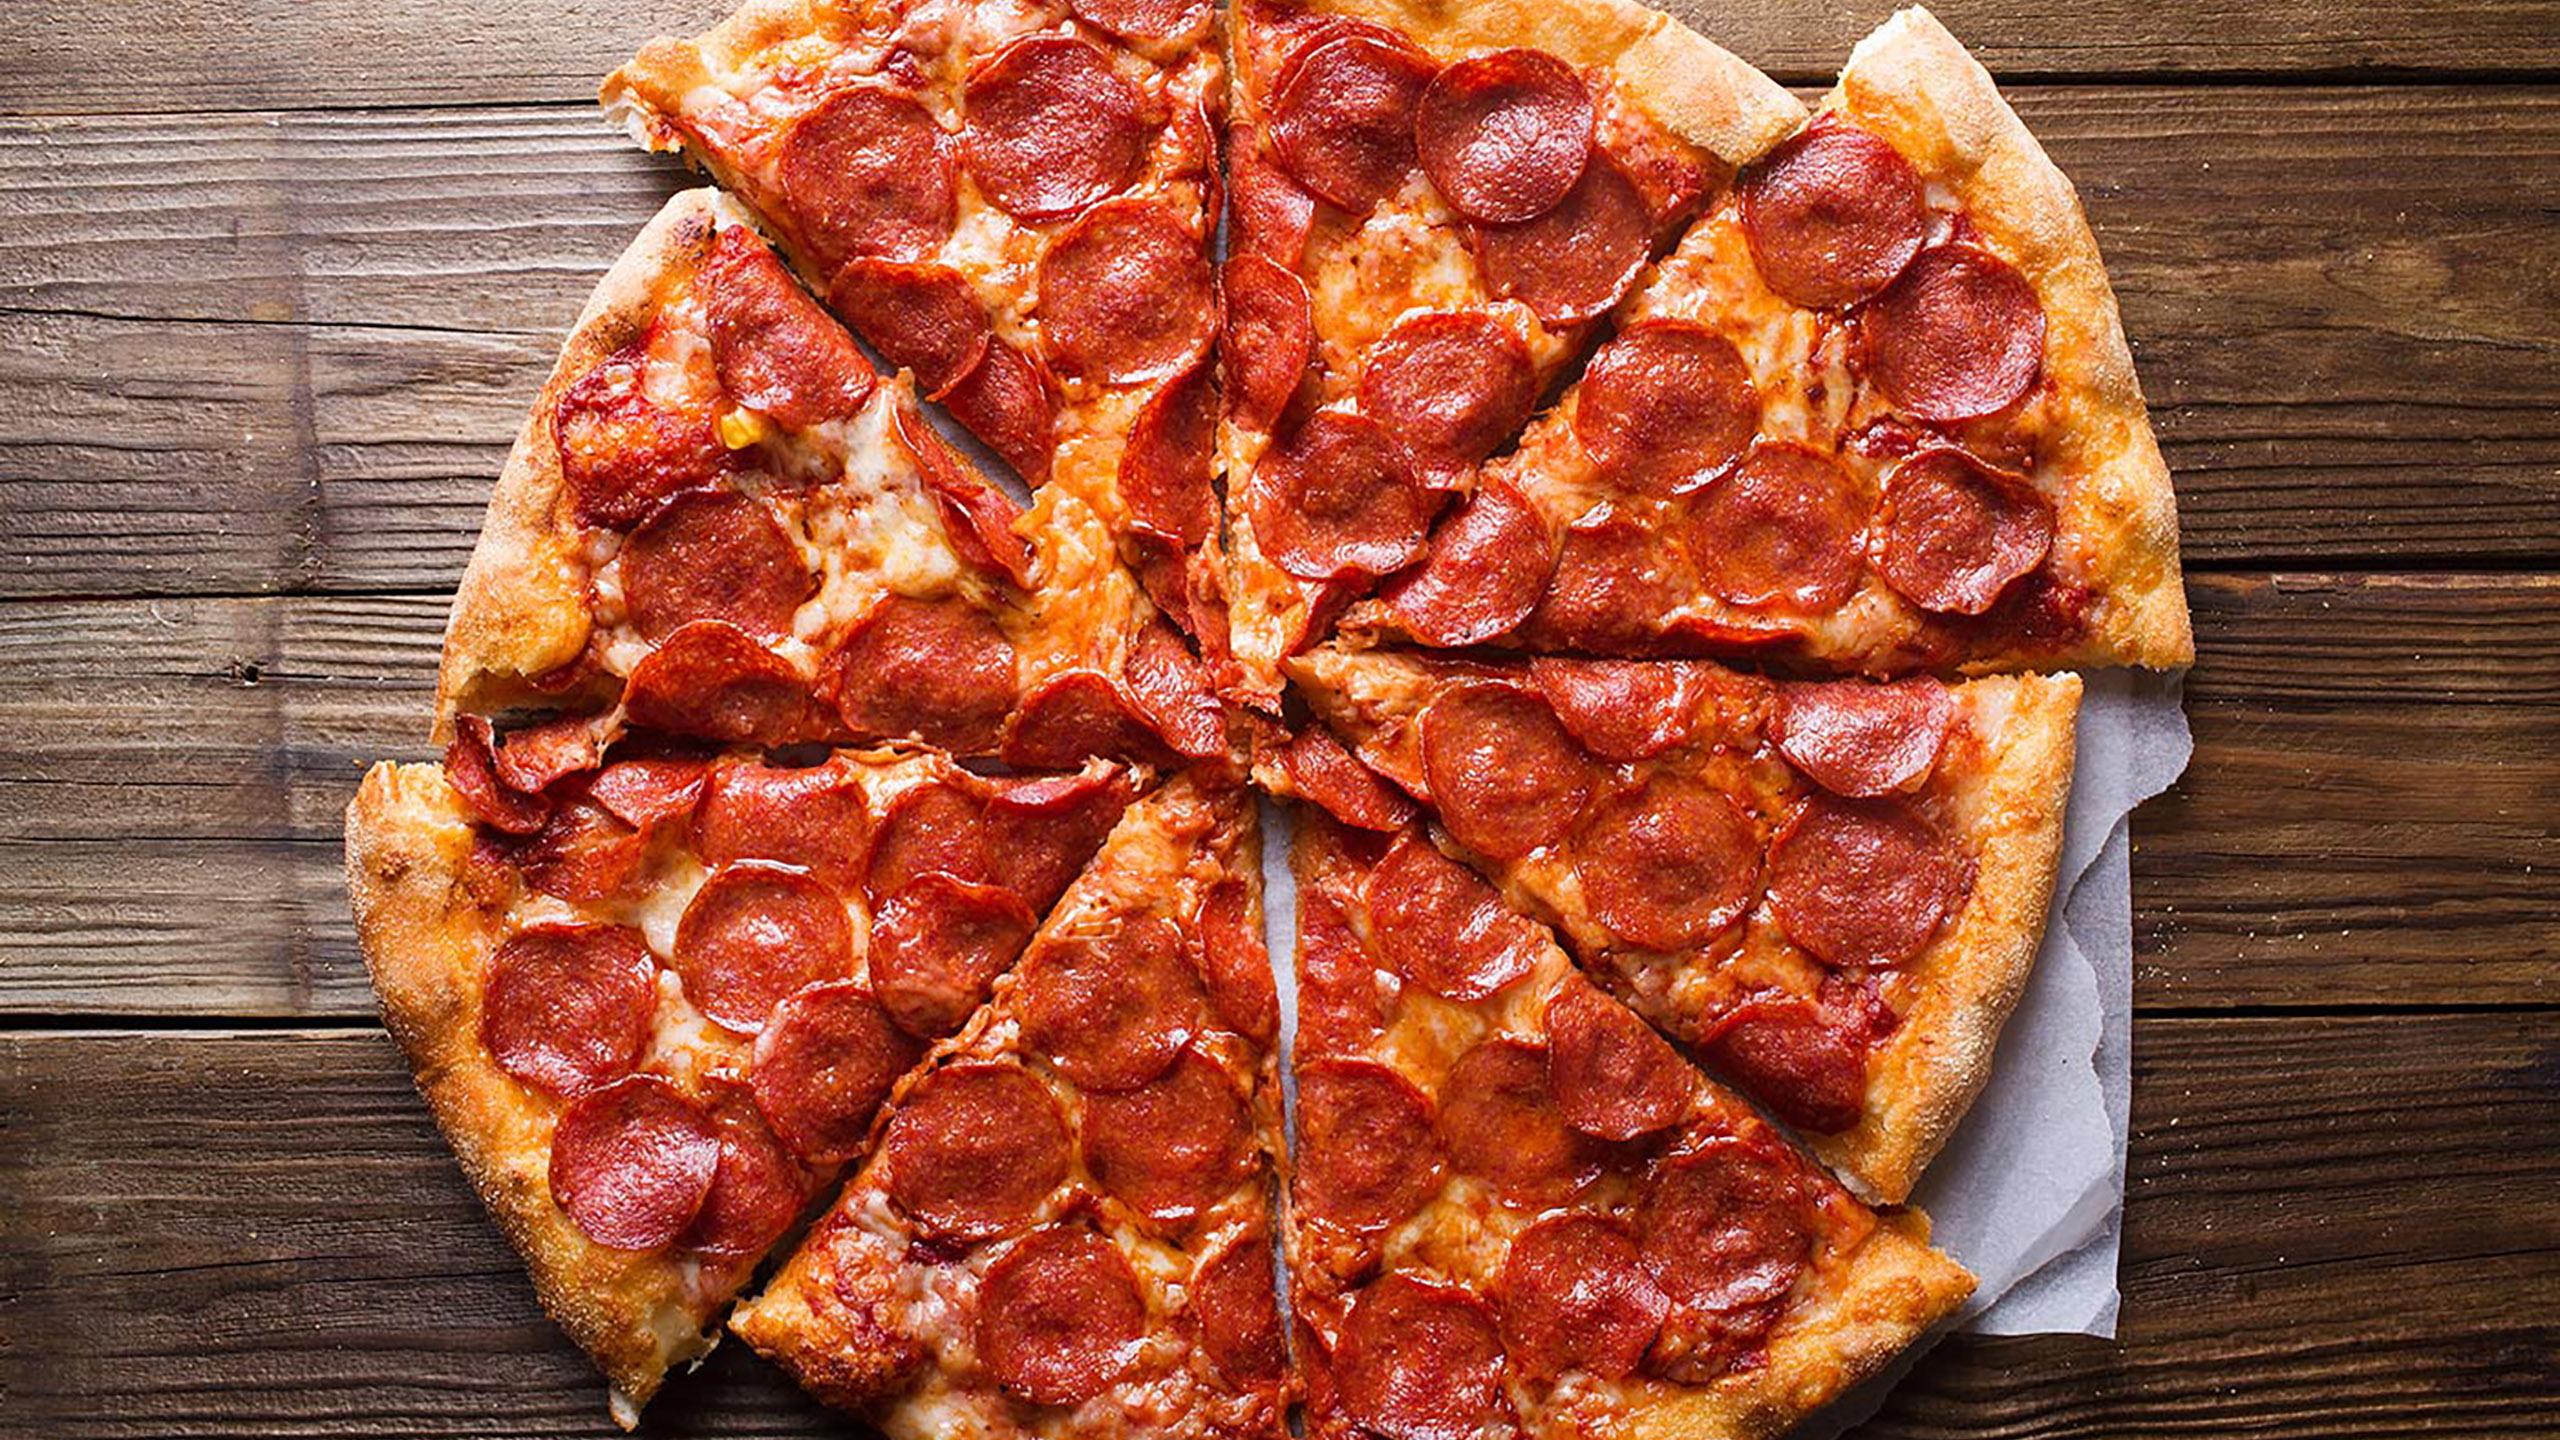 La pizza es más nutritiva que un bowl de cereal